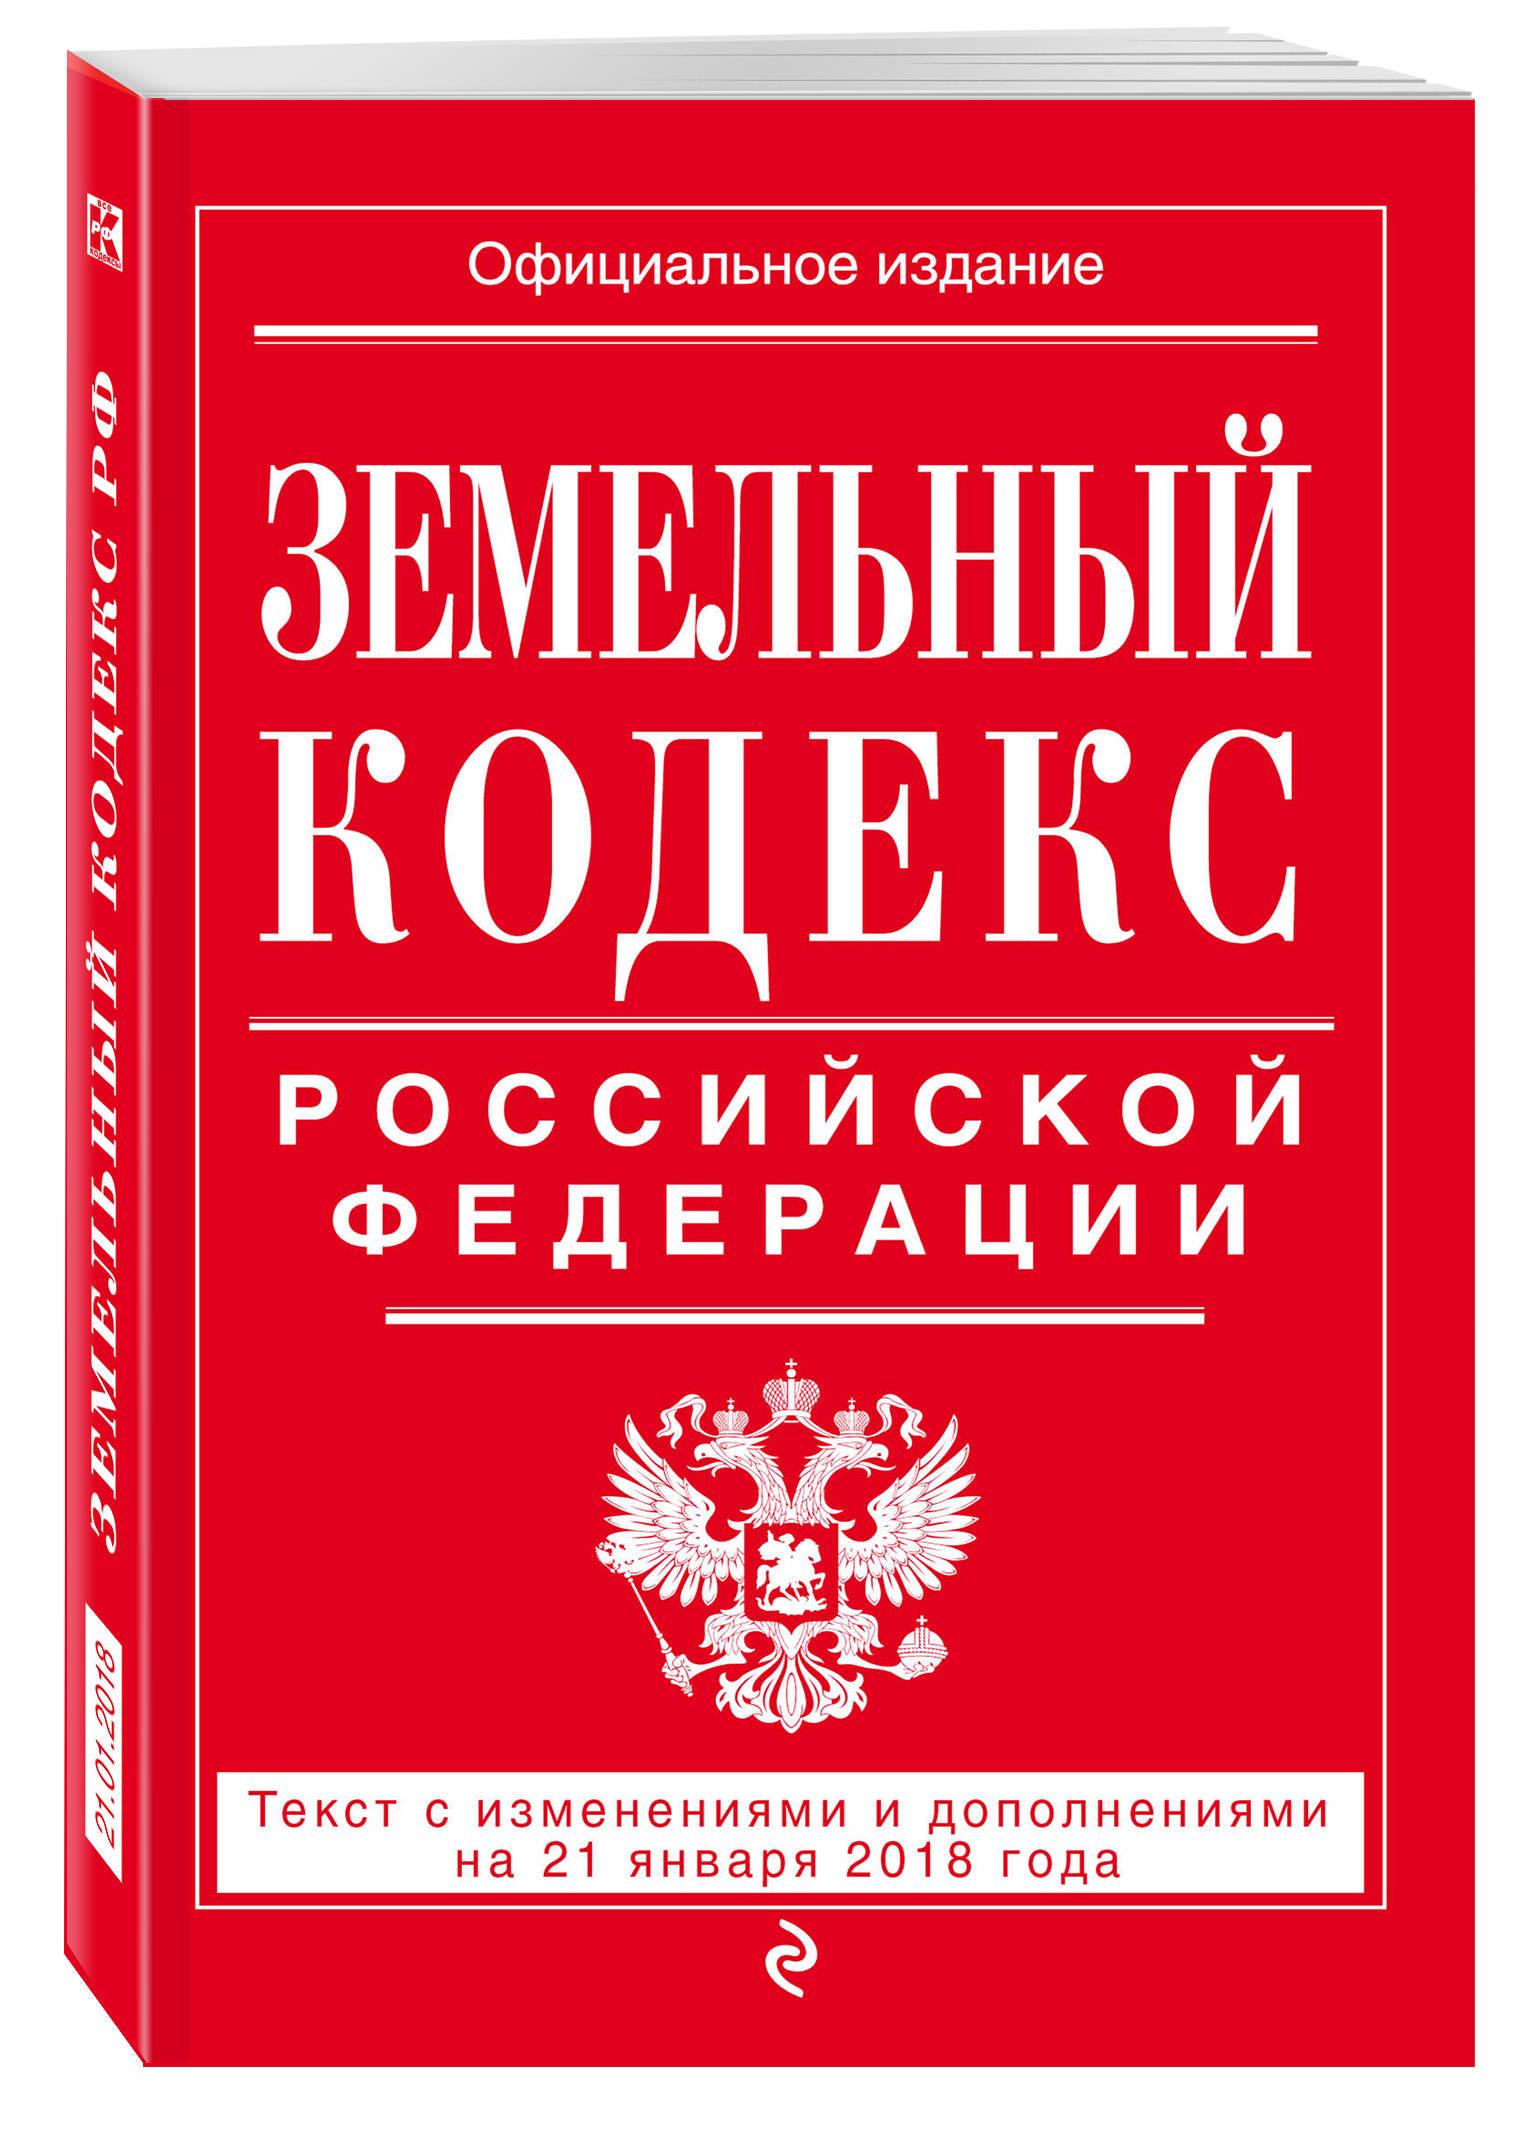 9785040921966 - Земельный кодекс Российской Федерации: текст с посл. изм. на 21 января 2018 г. - Книга